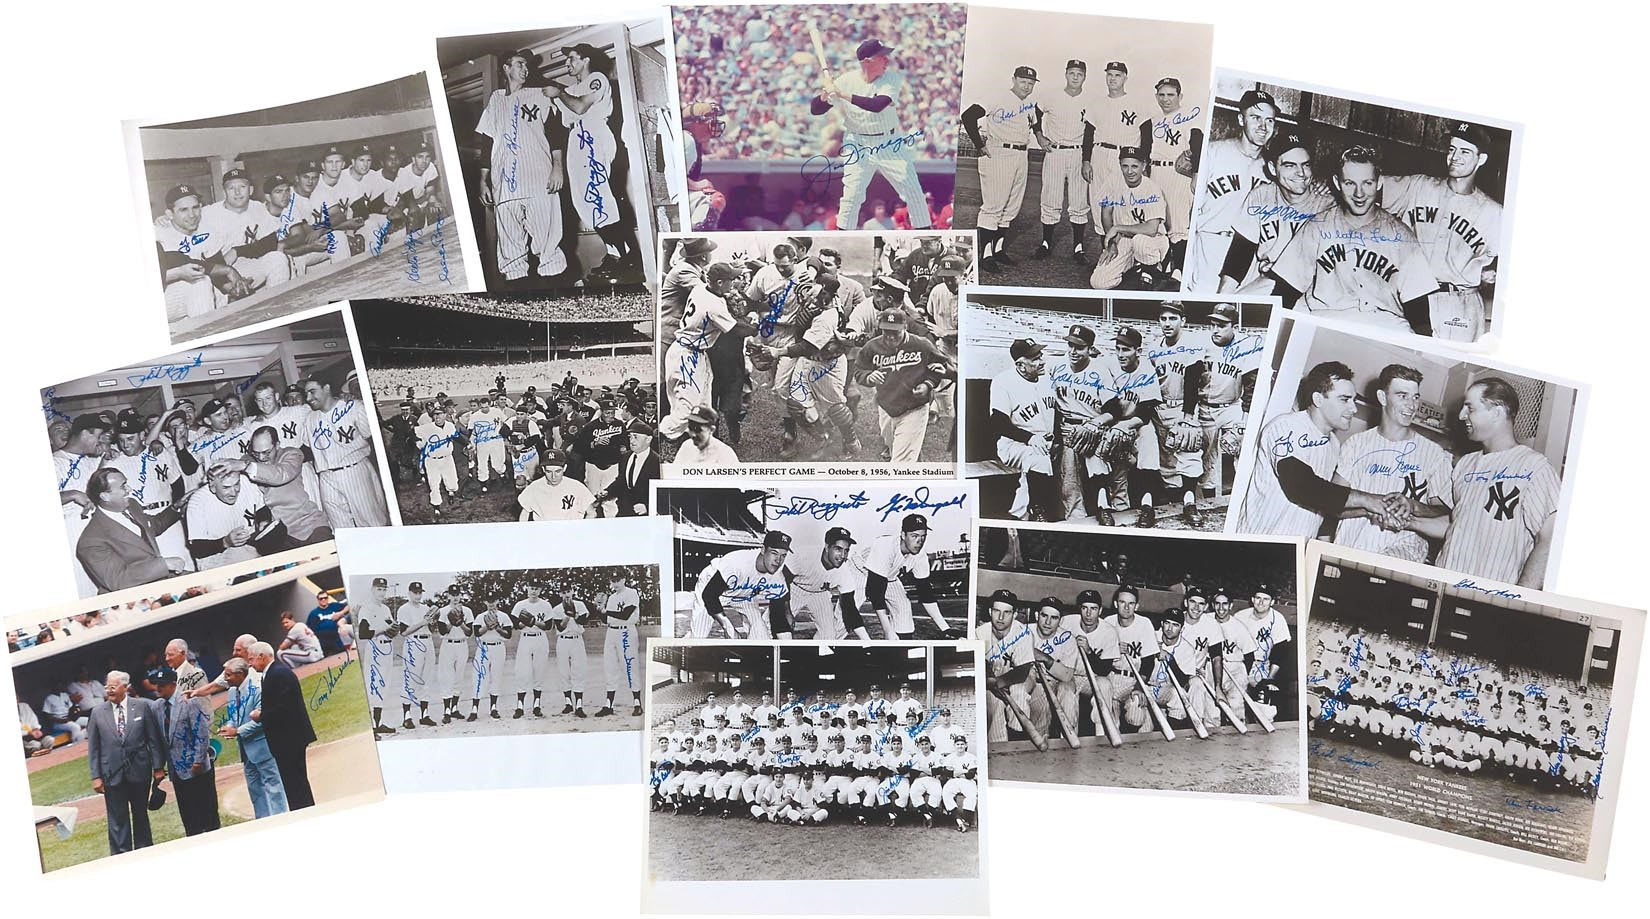 NY Yankees, Giants & Mets - 2018 Invitational